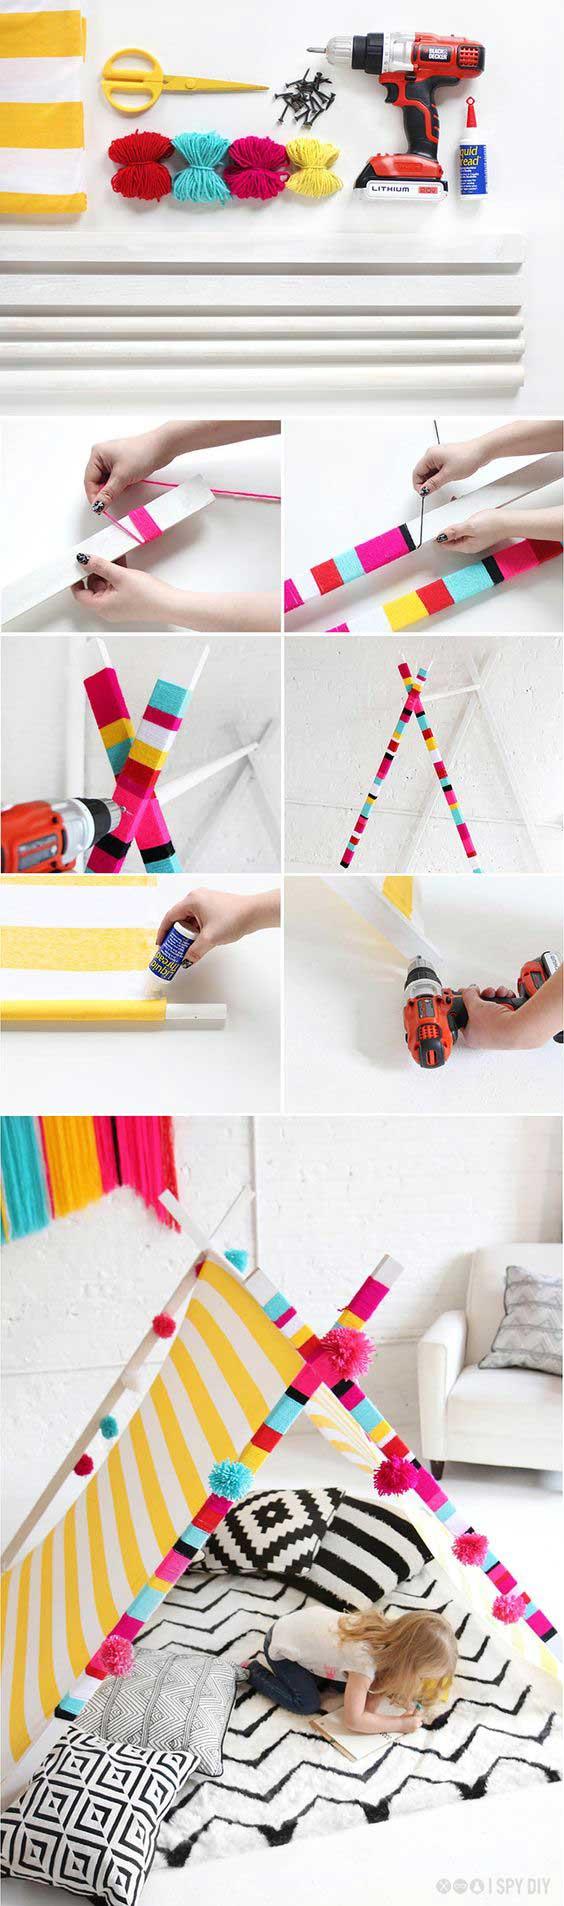 DIY Μια σκηνή για το Παιδικό Δωμάτιο ή τον Κήπο!